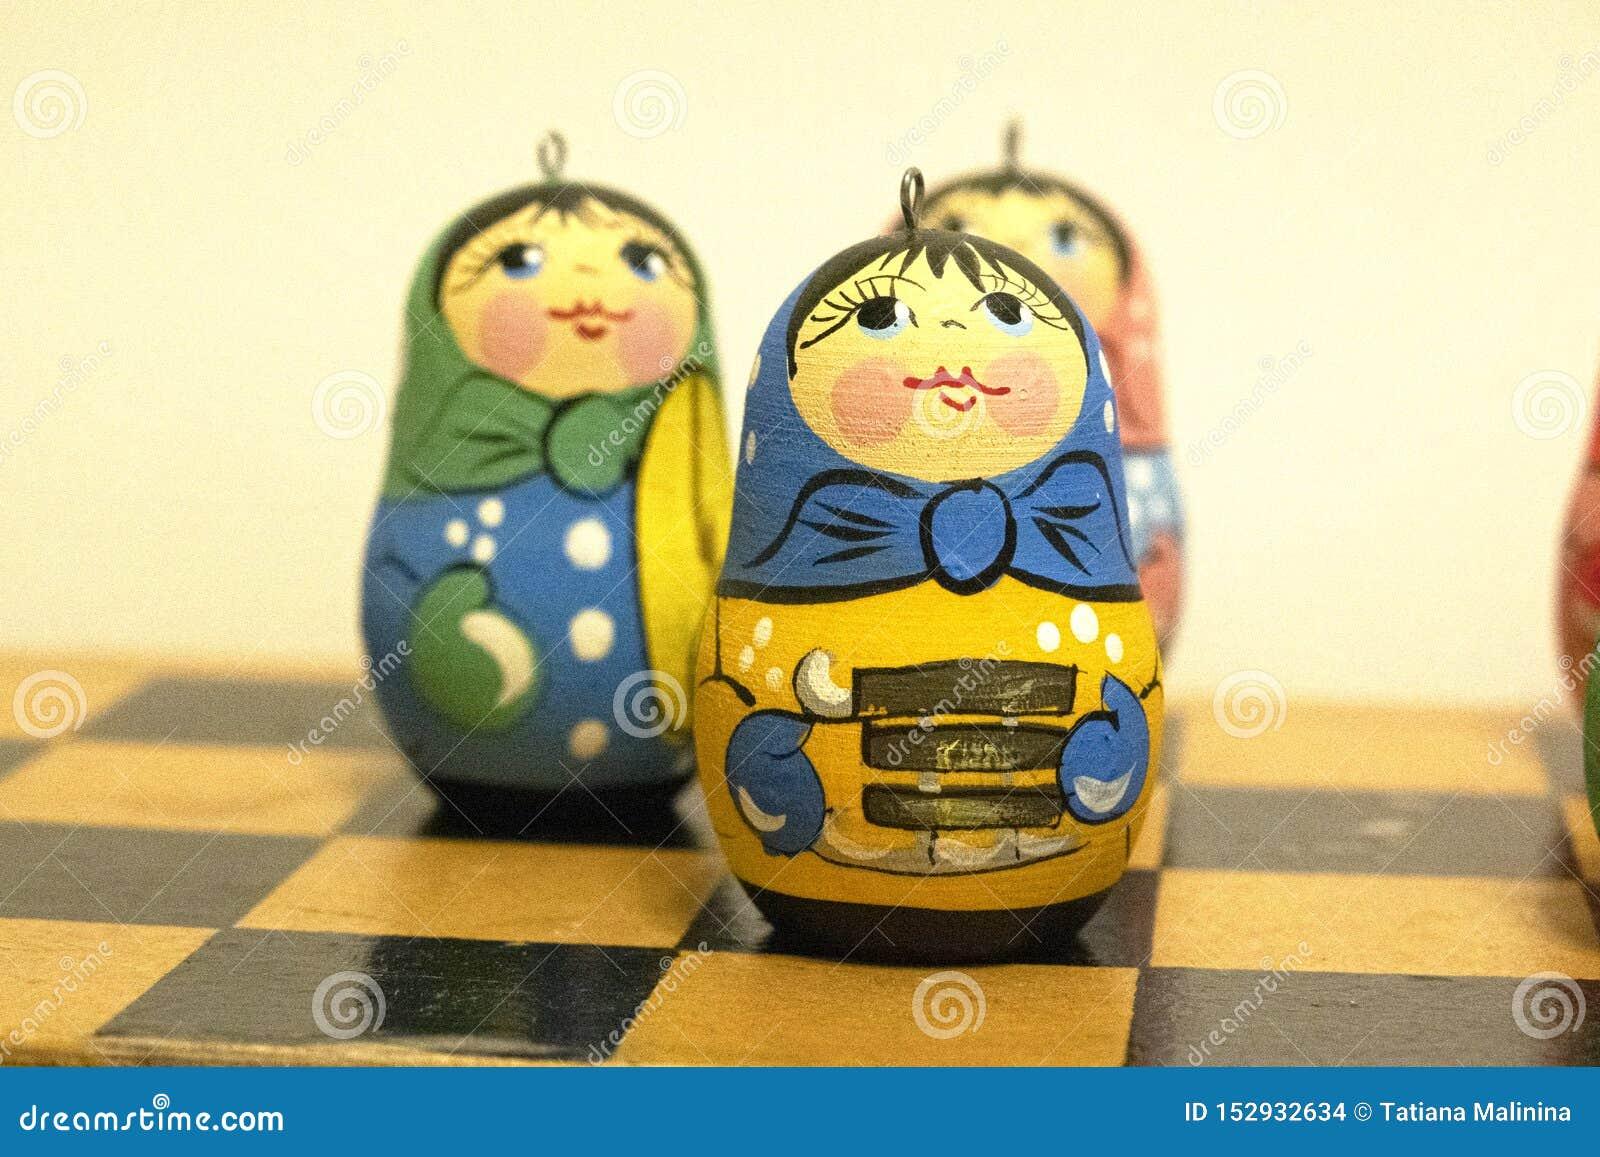 Игрушки Нового Года s, маленькие русские куклы, яркие игрушки, торжество